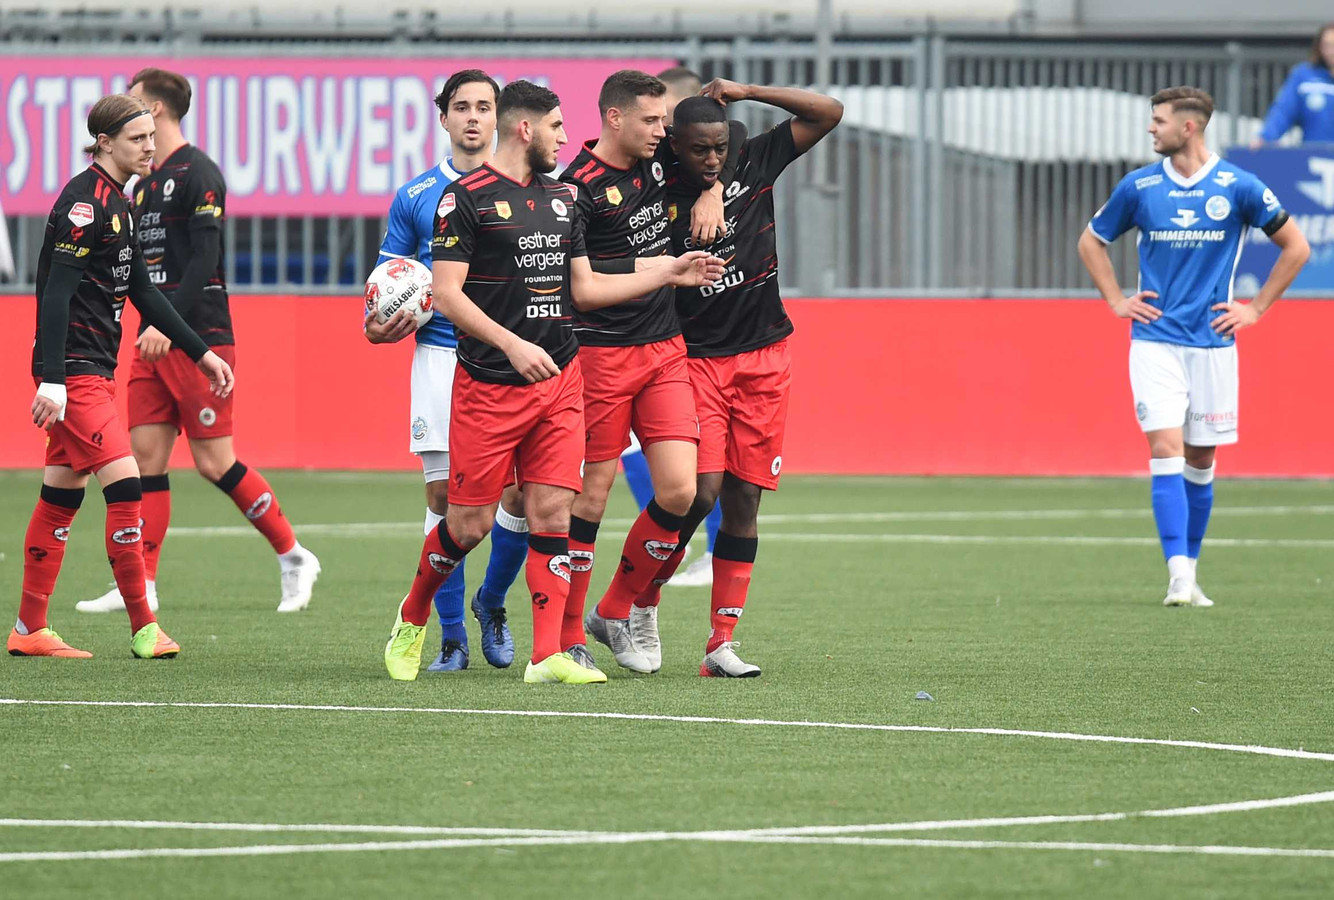 Excelsior-speler Ahmad Mendes Moreira (rechts) wordt gesteund door medespelers nadat hij racistisch bejegend werd vanaf de tribunes in Den Bosch.